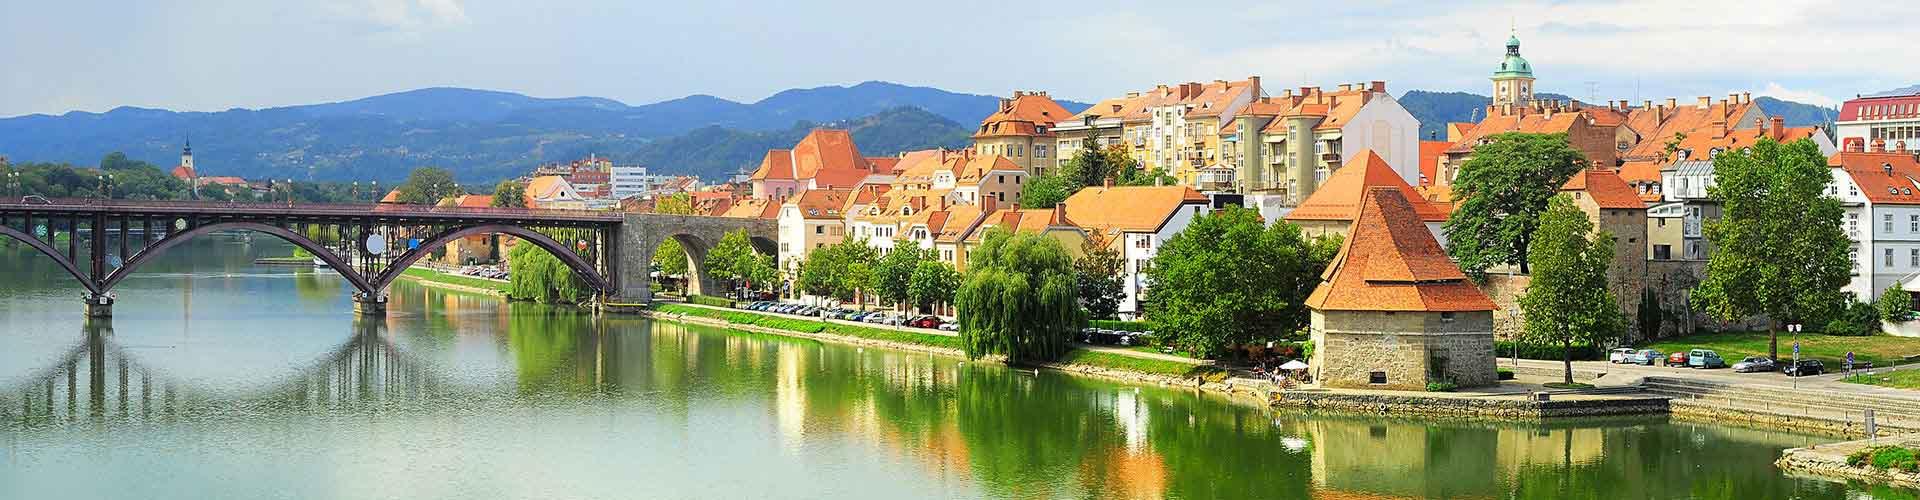 Maribor - Hostele w mieście: Maribor, Mapy: Maribor, Zdjęcia i Recenzje dla każdego hostelu w mieście Maribor.